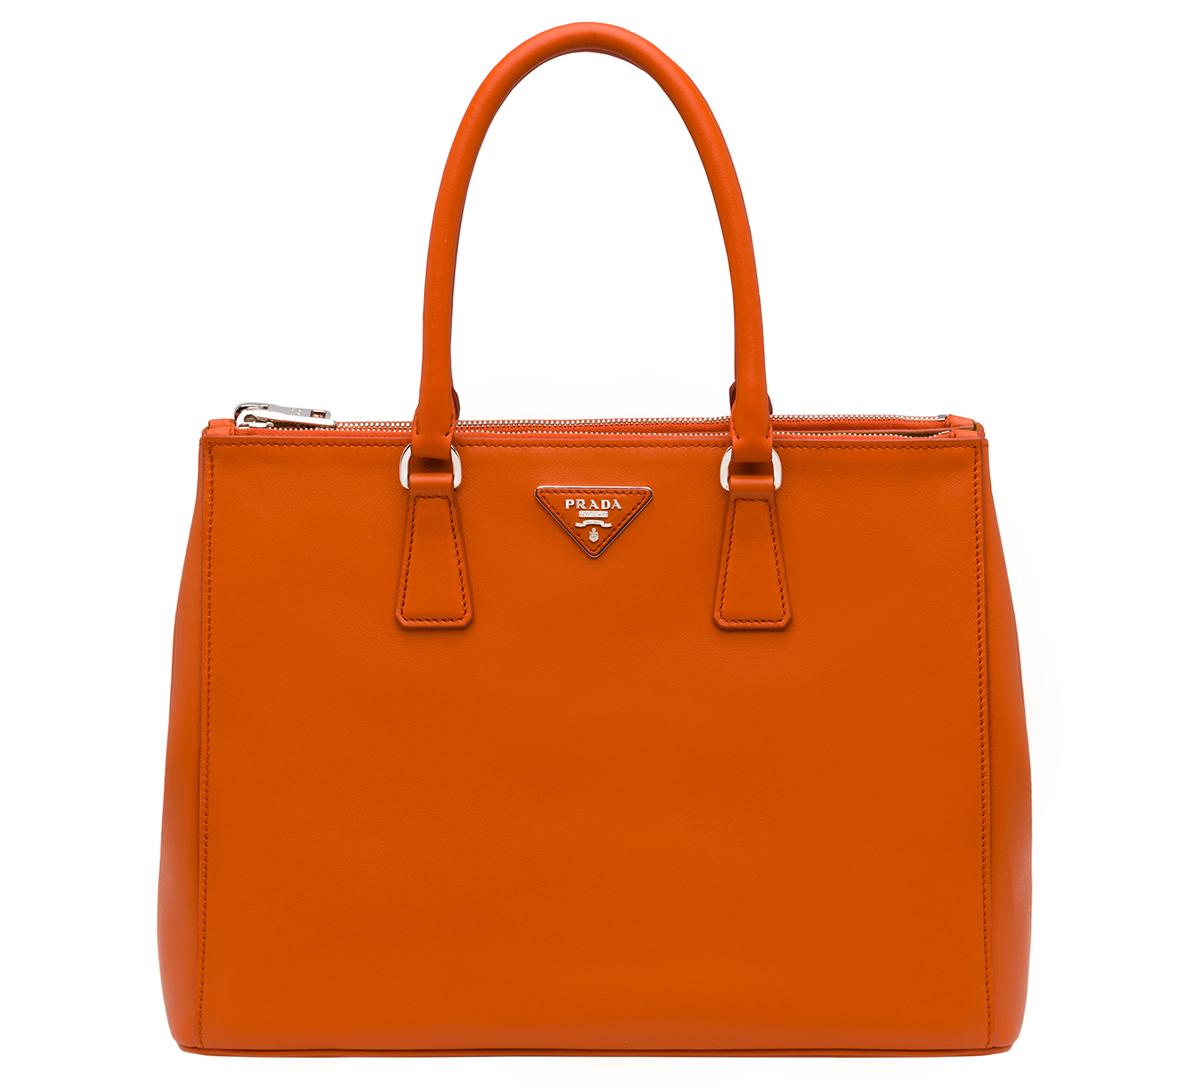 Prada Galleria Bag in Papaya